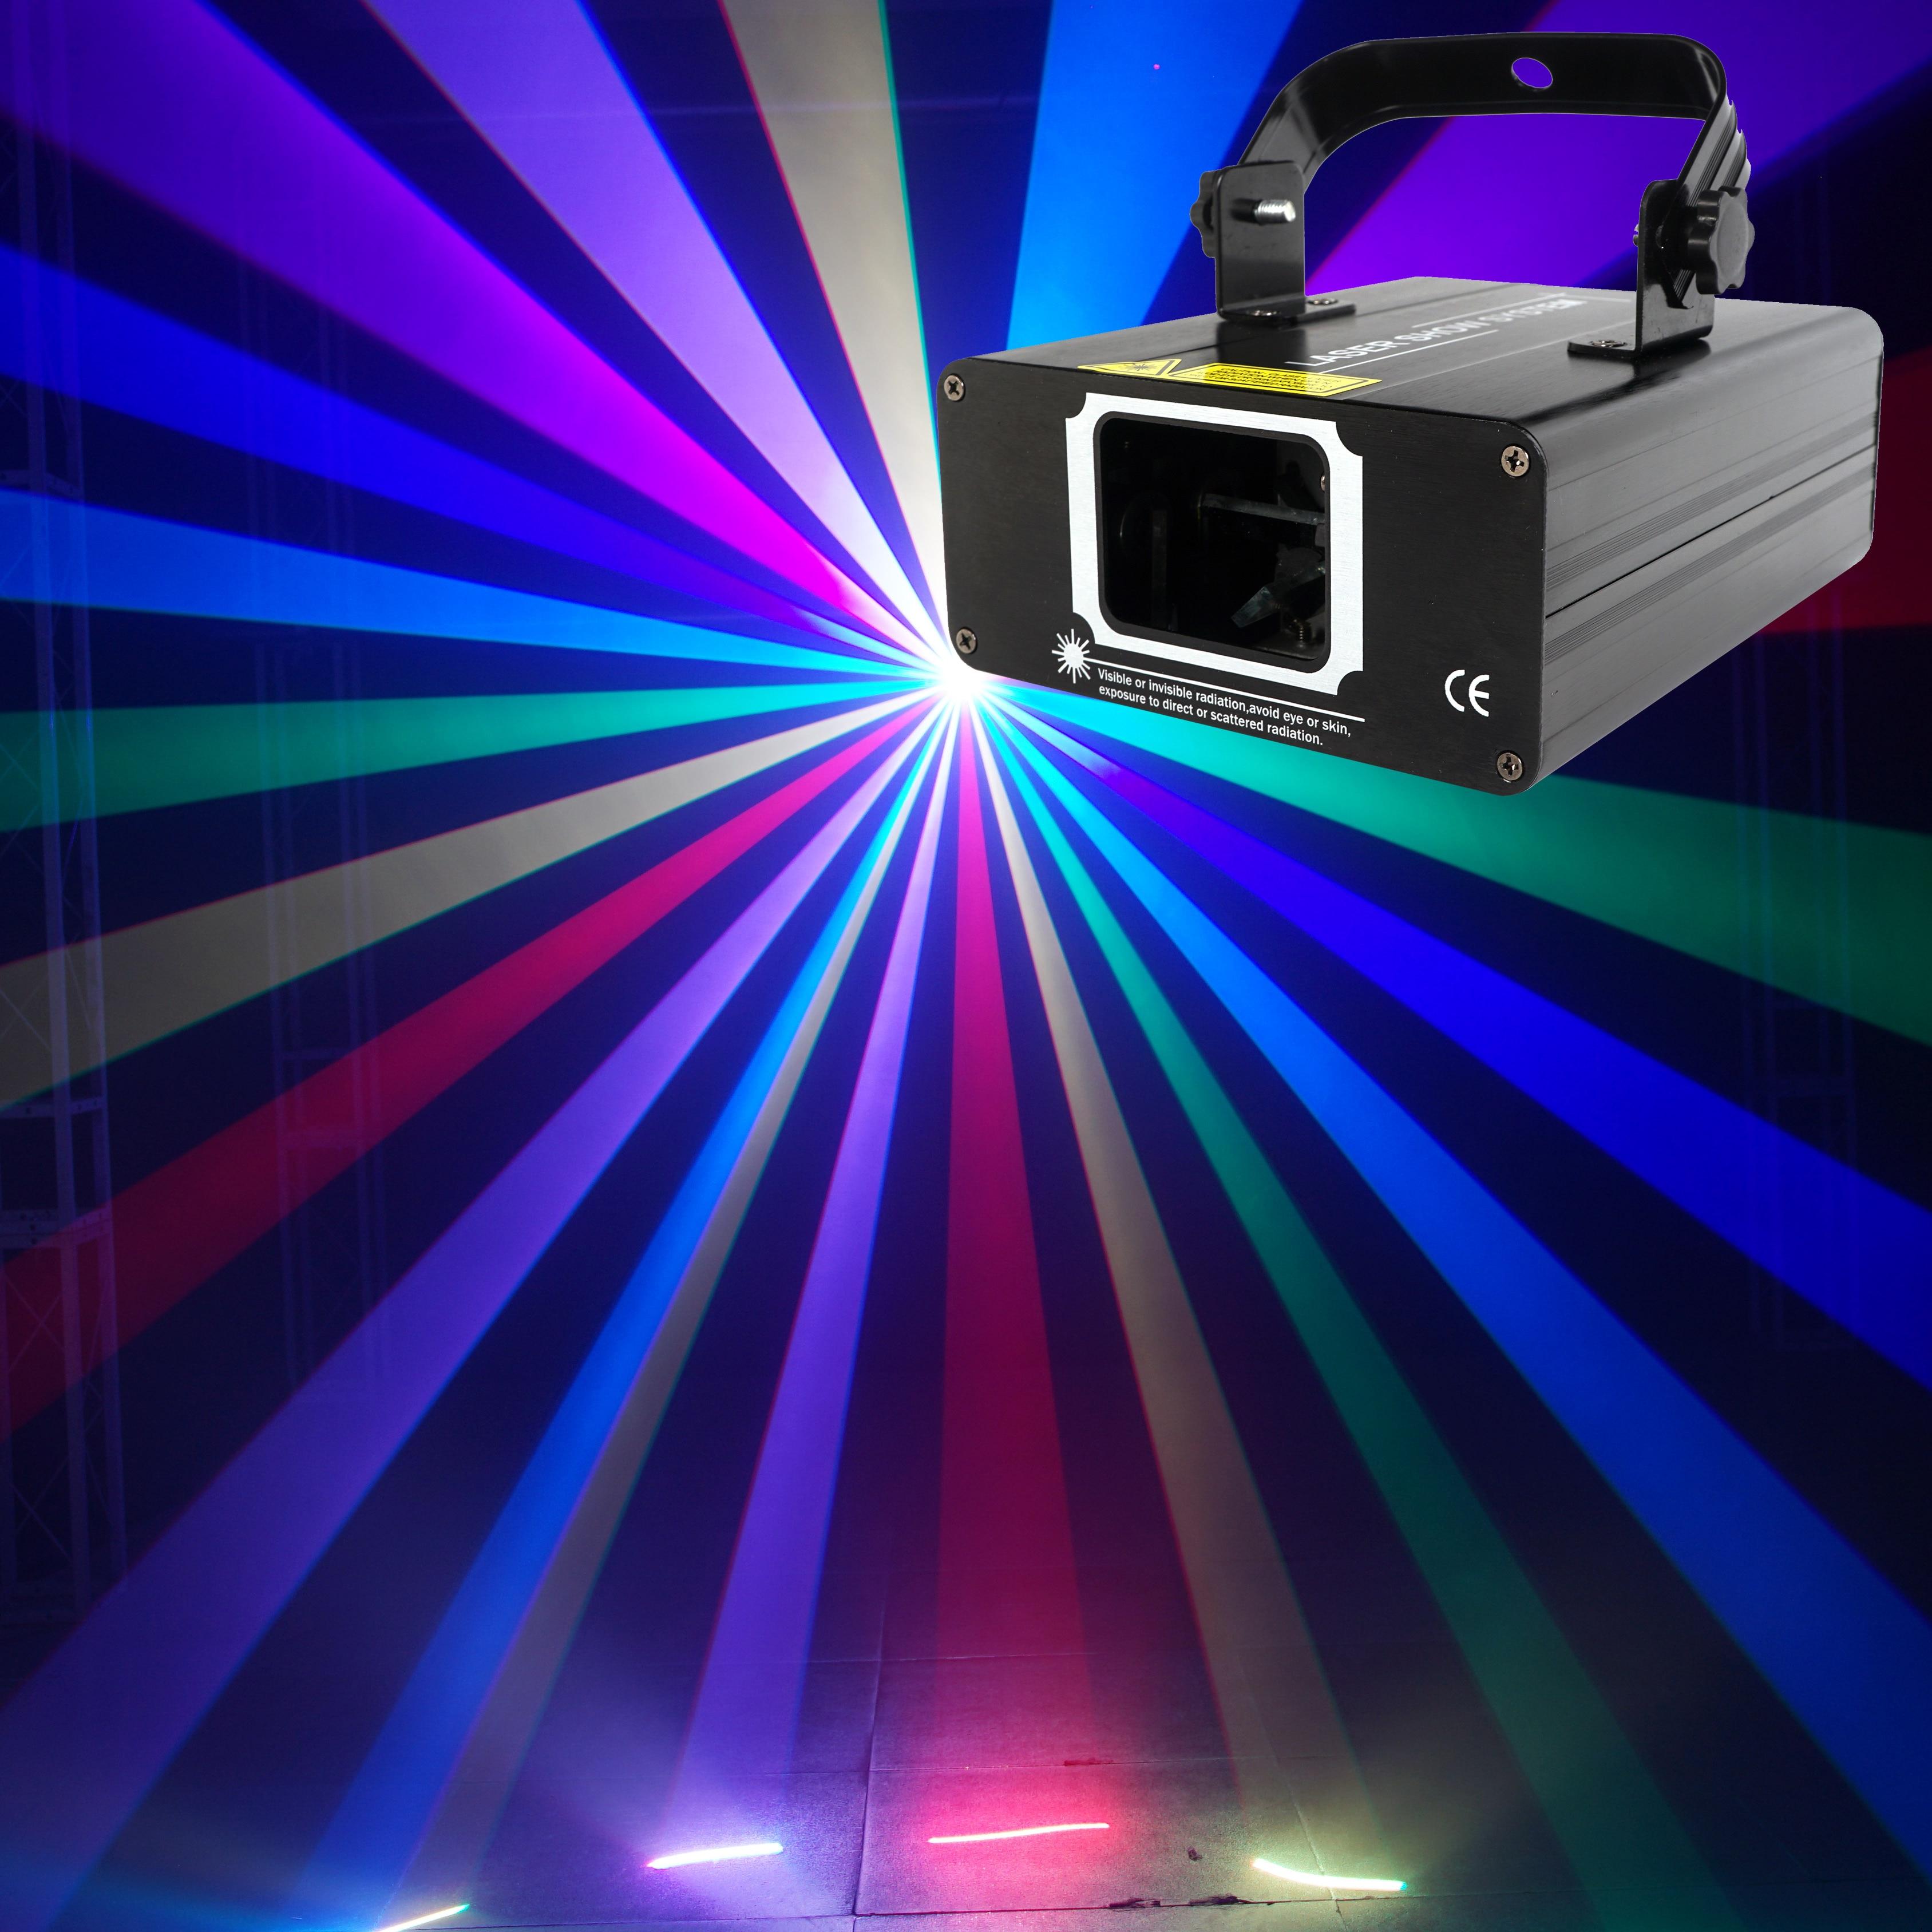 680 МВт RGB Цвет DMX светодиодный лучевой прожектор для сцены звуковая активация сканирование лазер музыка светильник Эффект диско ди-джей дома вечерние освещение сканера светильник Инж